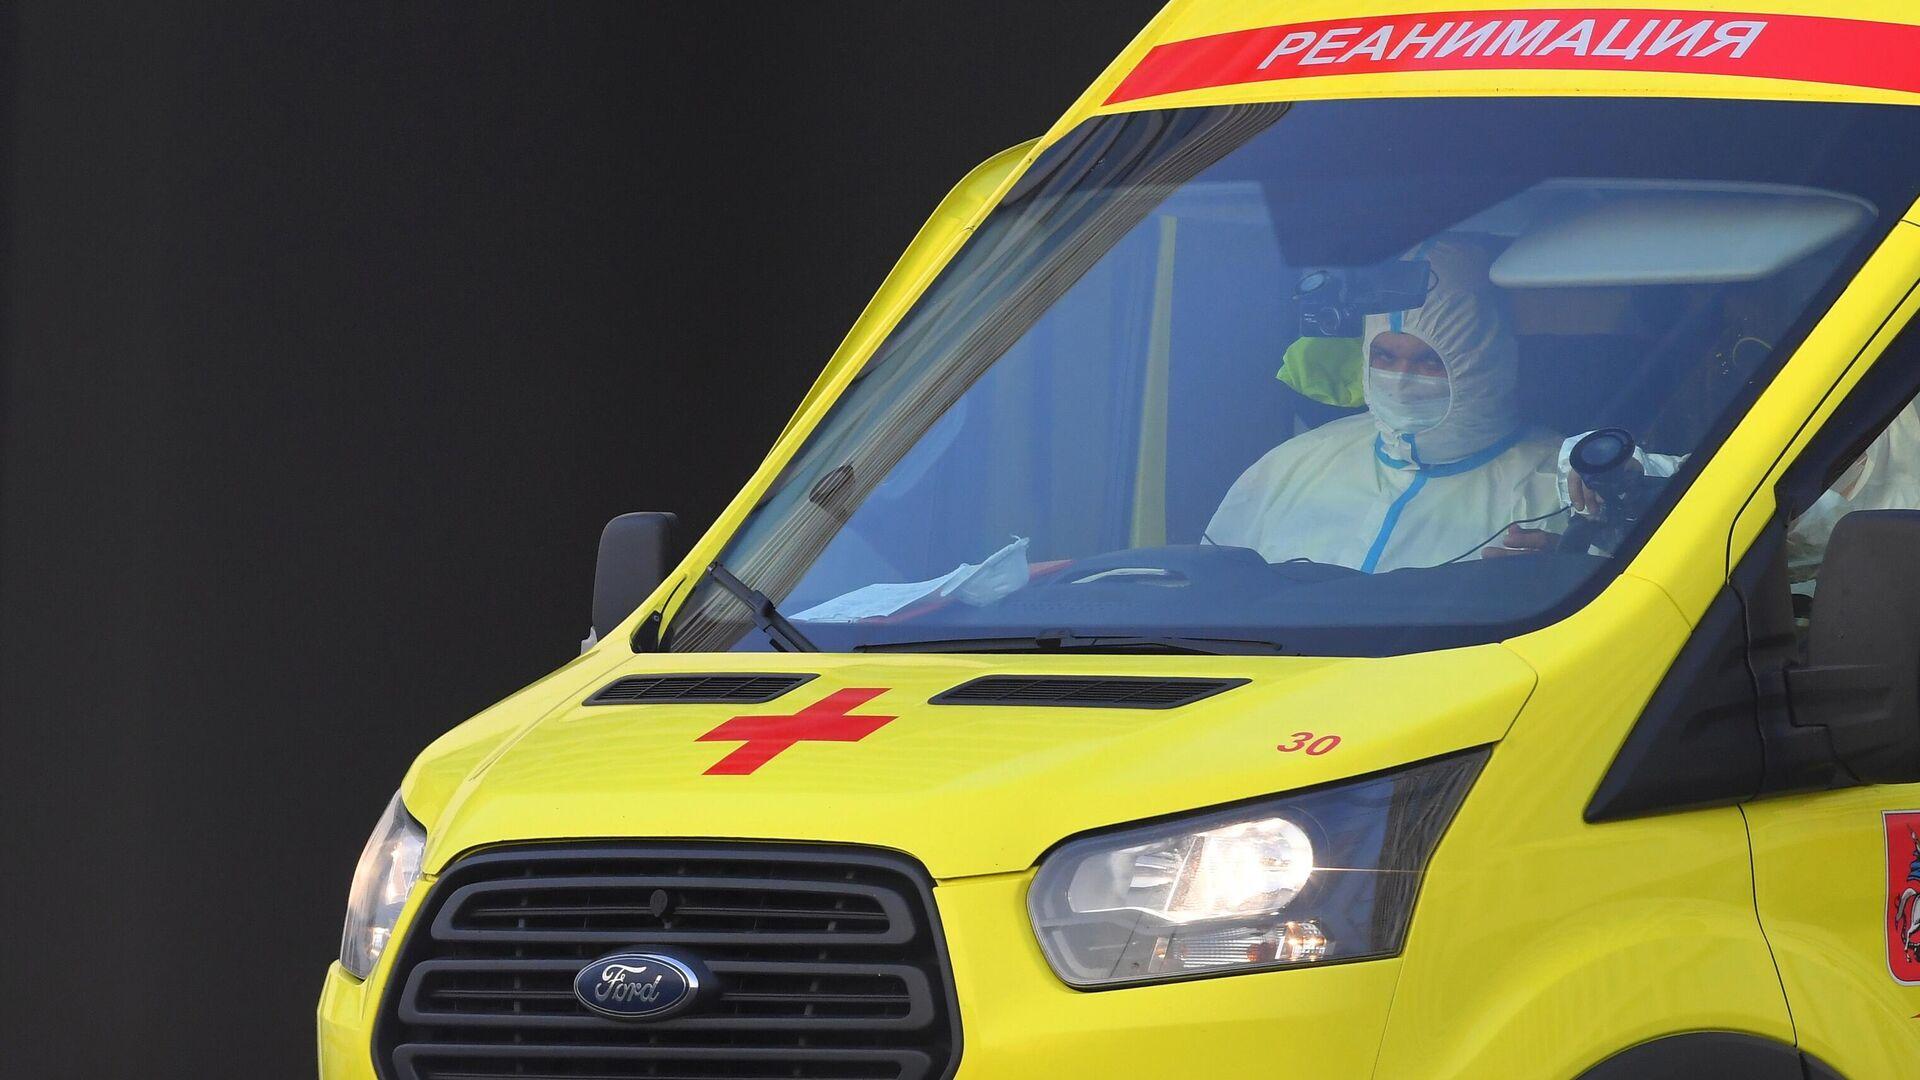 1577941060 0:0:3045:1713 1920x0 80 0 0 bda1cefc9f8b99afff436501a60024e5 - В Москве умерли 29 пациентов с коронавирусом